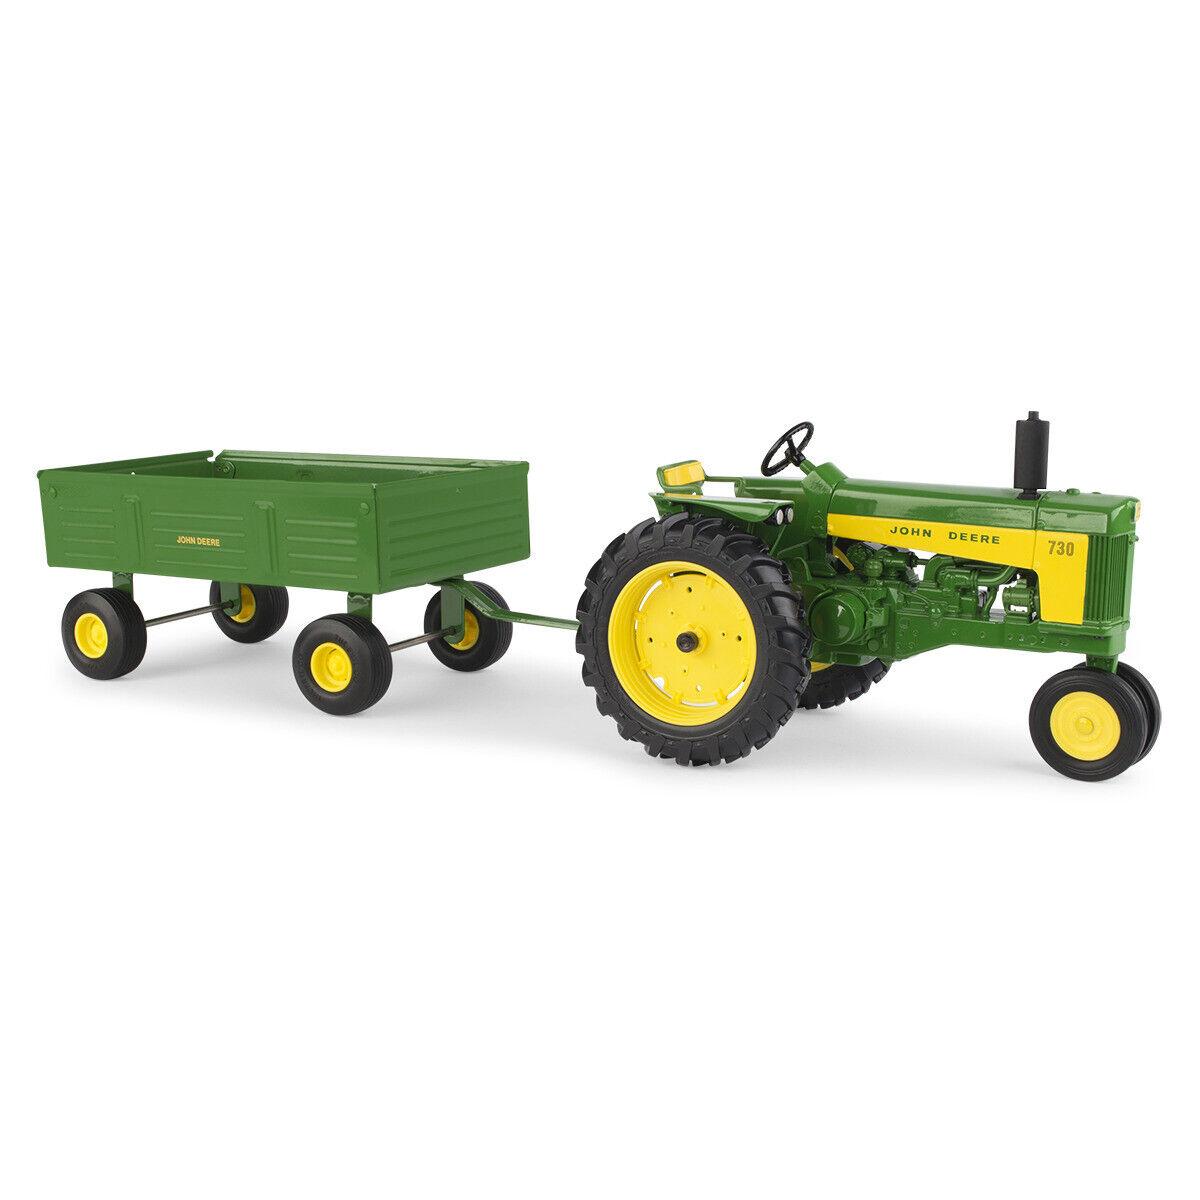 estar en gran demanda NEW John Deere 730 Tractor w Barge Wagon, Wagon, Wagon, Replica Jugar, 1 16, Ages 3+ LP70532  comprar mejor